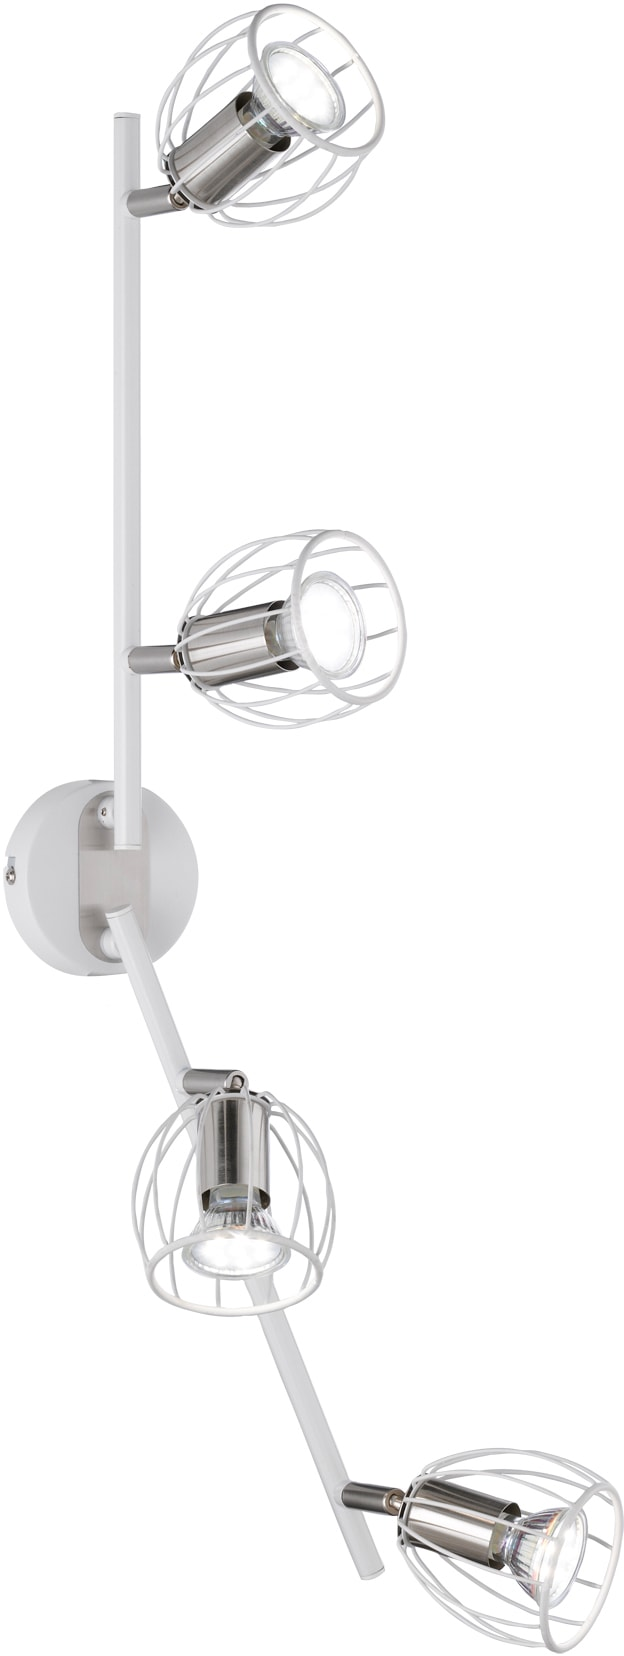 TRIO Leuchten LED Deckenleuchte EVIAN, GU10, LED Deckenlampe